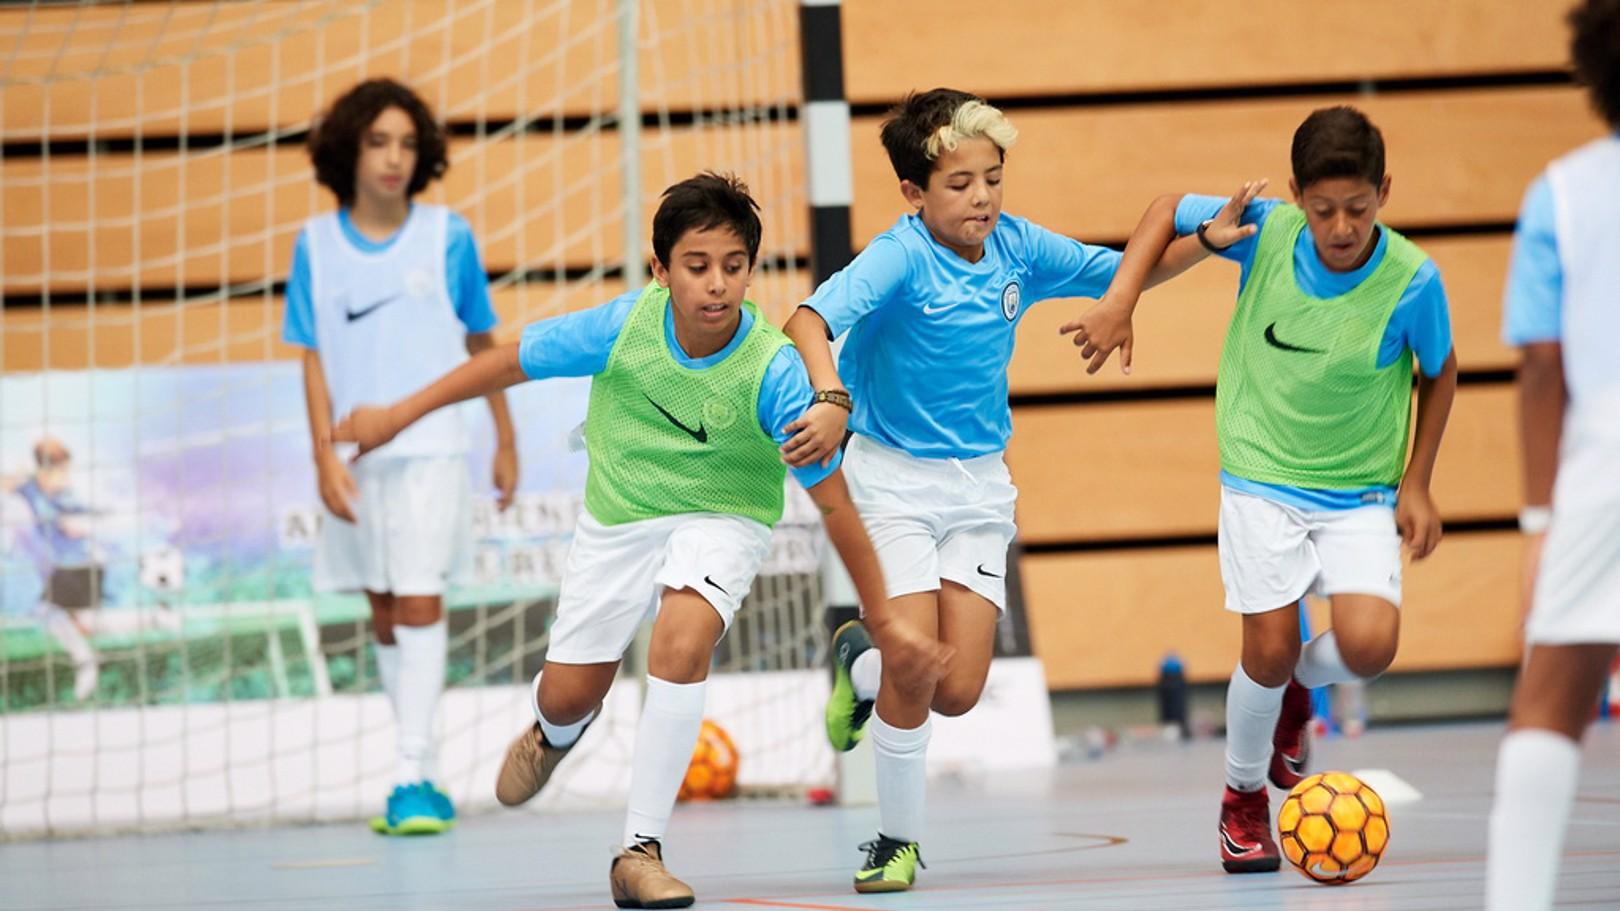 تقام الحصص التدريبية ضمن ثلاثة مواقع مغلقة في أبوظبي وتستقبل اللاعبين واللاعبات من 3 إلى 18 سنة.